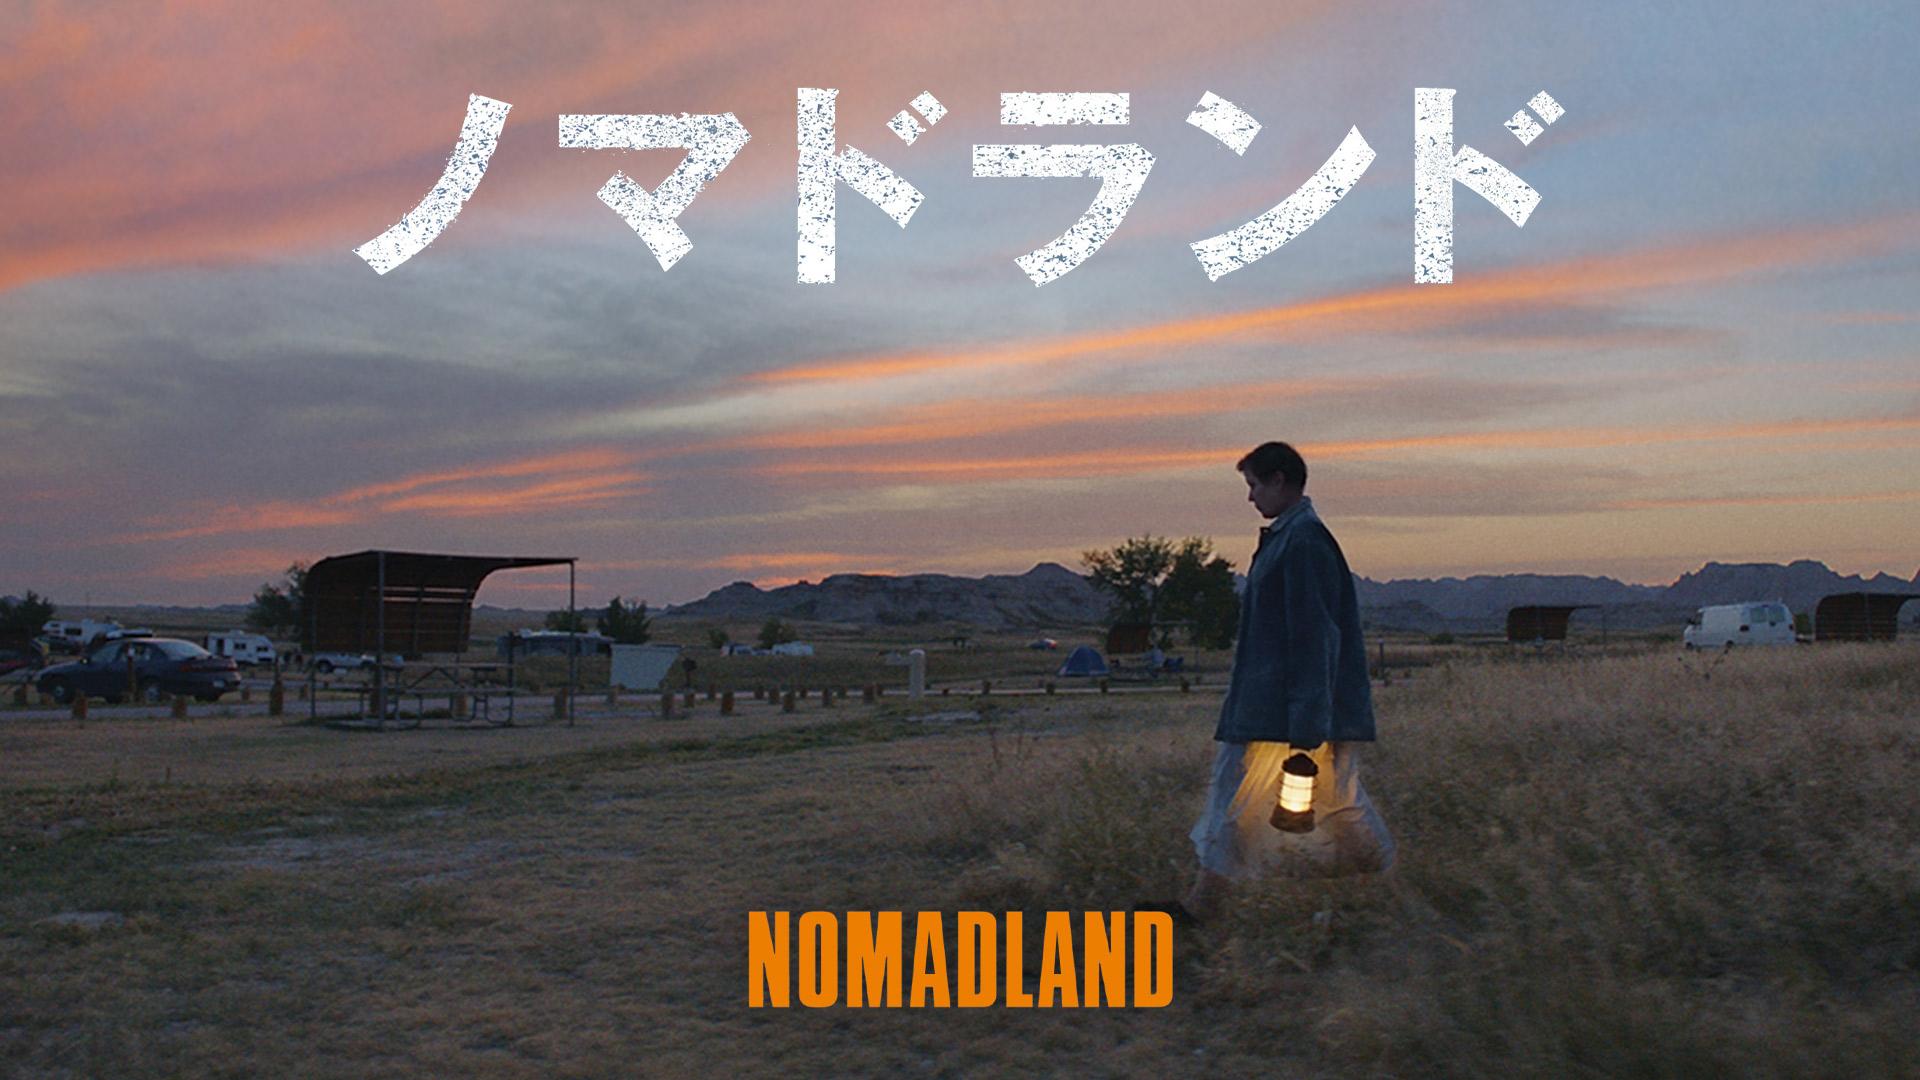 ノマドランド (吹替版)